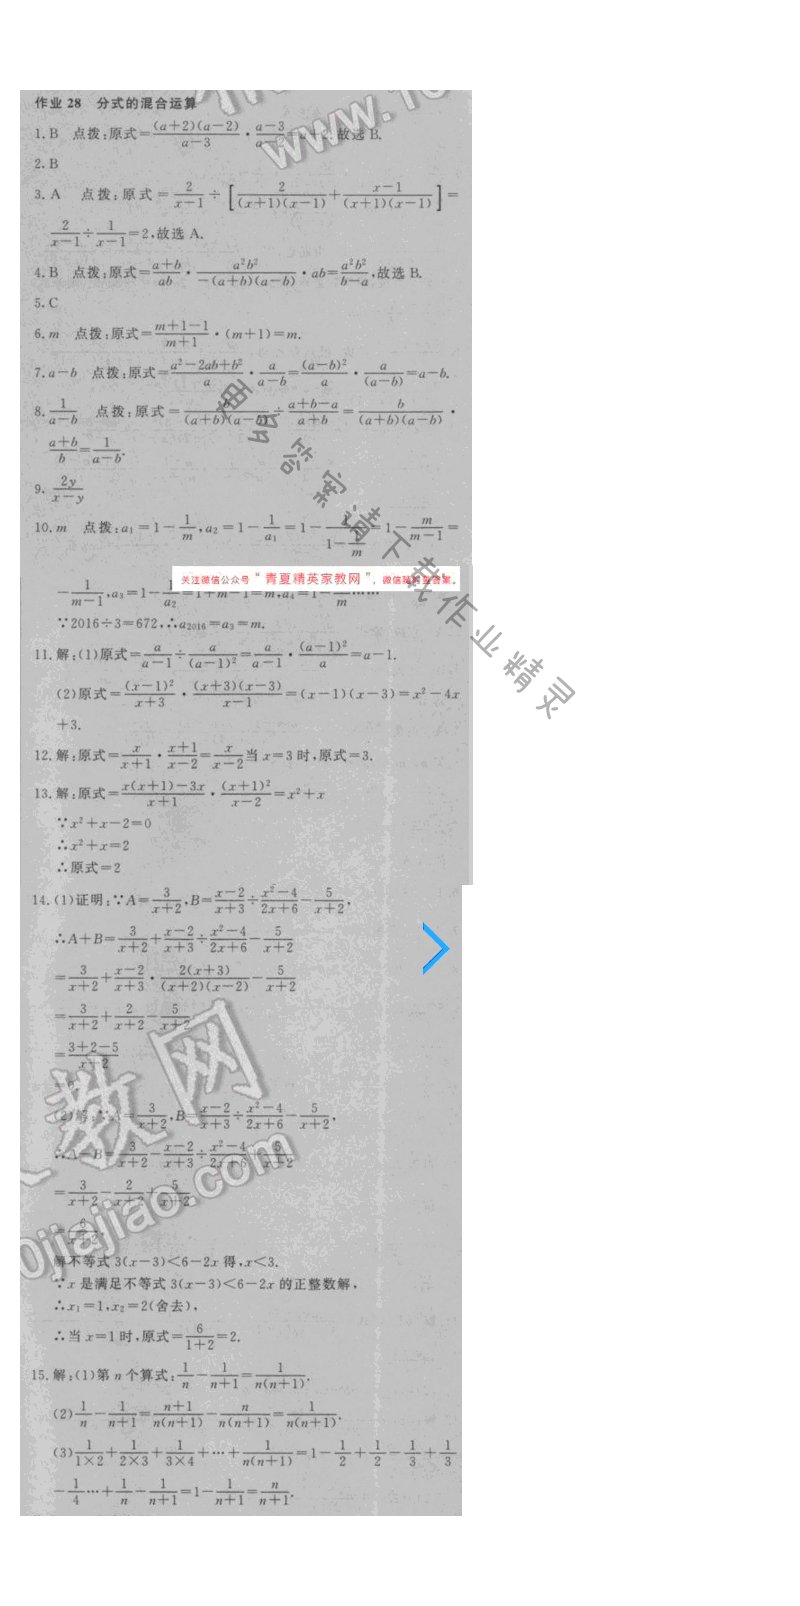 2016年启东中学作业本八年级数学下册江苏版 第十章 作业28